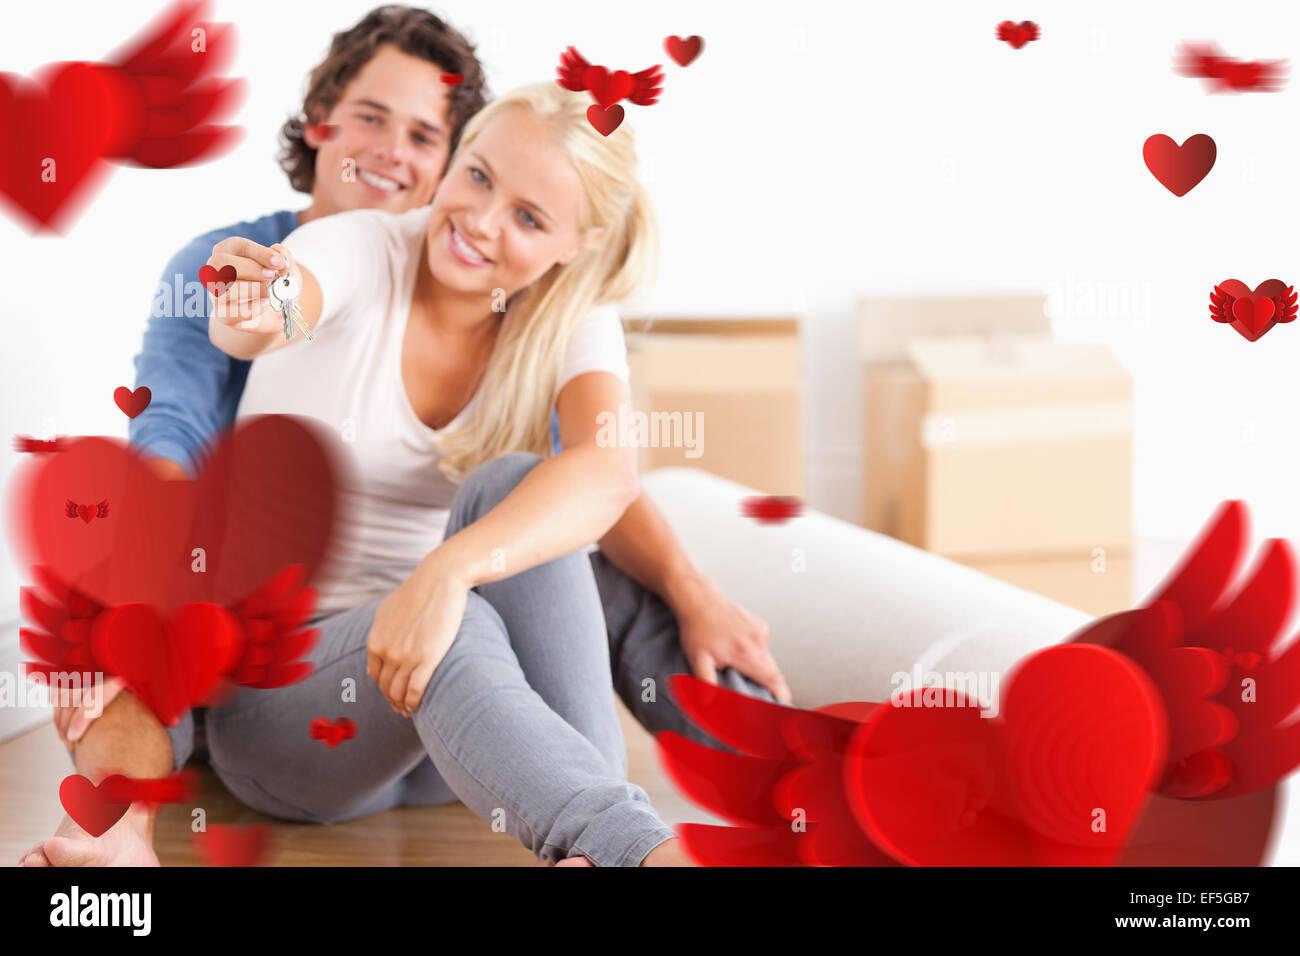 Immagine composita della donna seduta con il suo fidanzato che dà le chiavi Immagini Stock